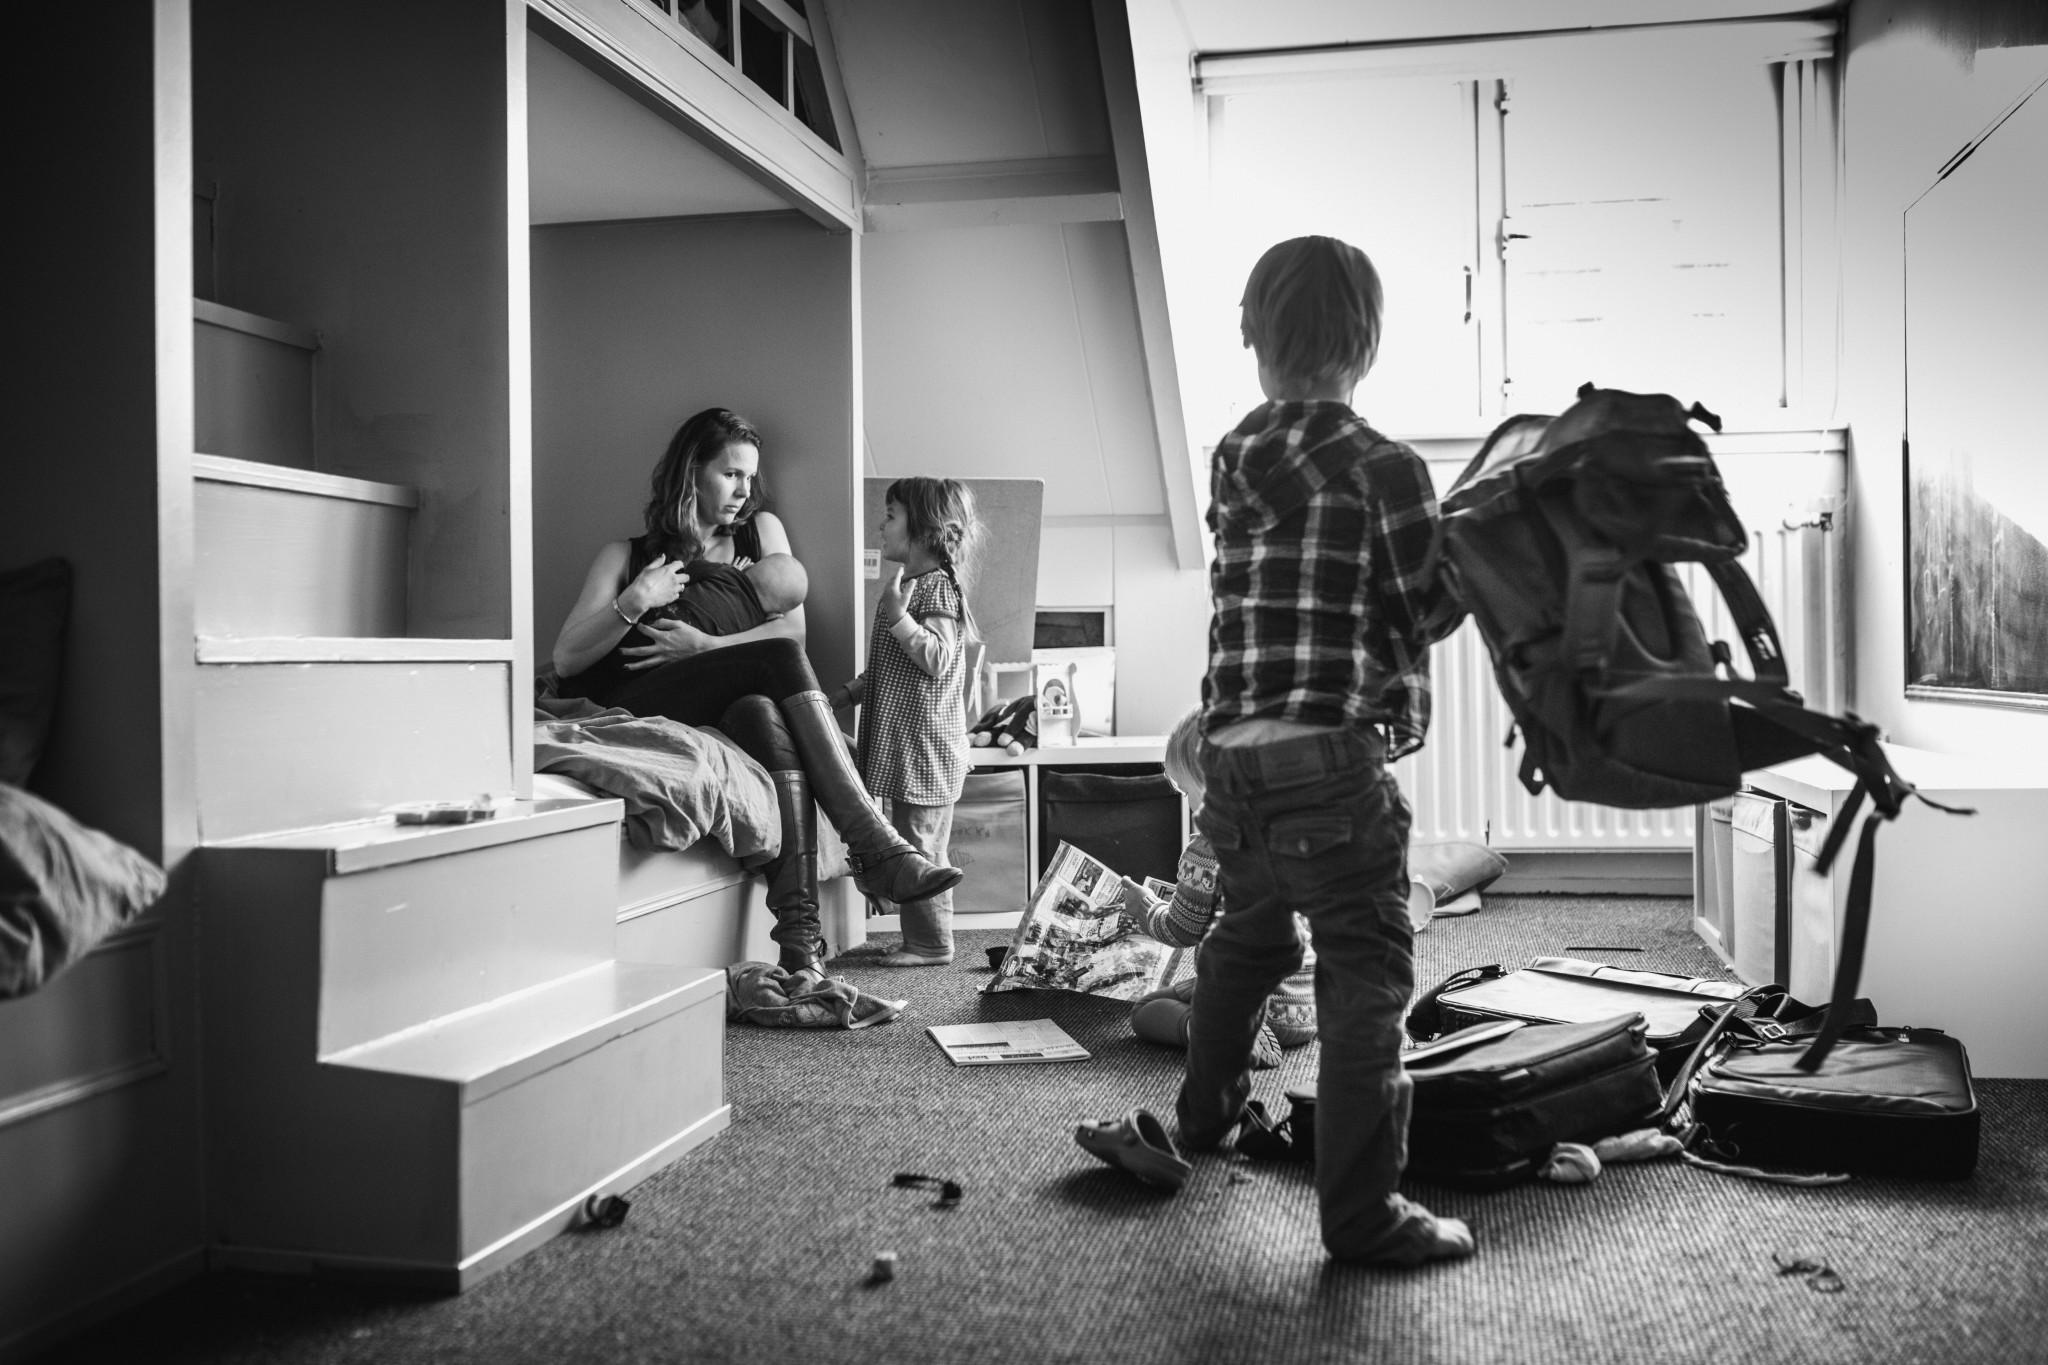 Chaos op zolder, mama voedt de jongste en de andere kinderen spelen daar ook